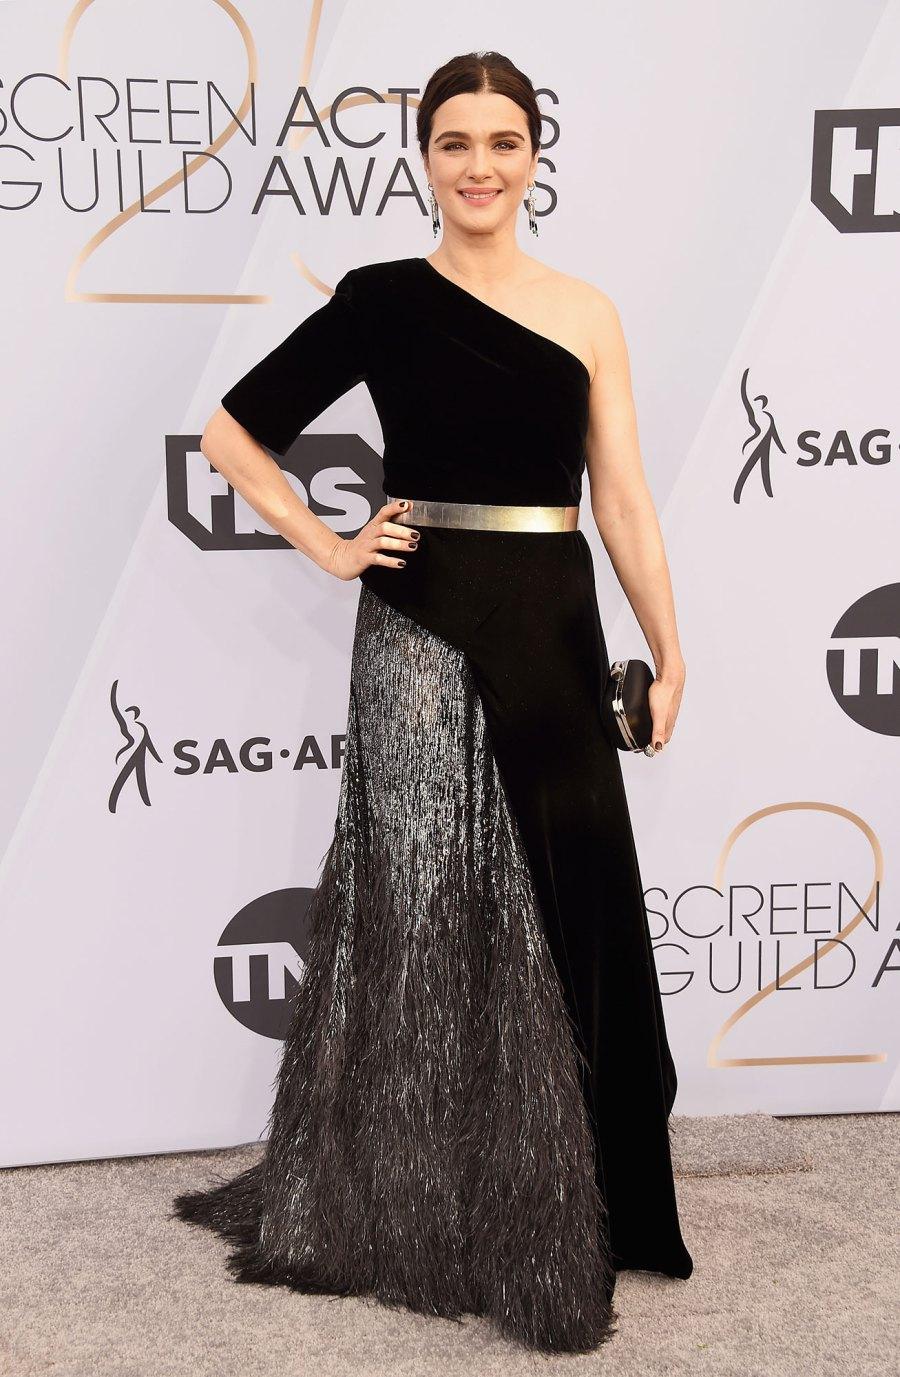 SAG Awards 2019 Rachel Weisz